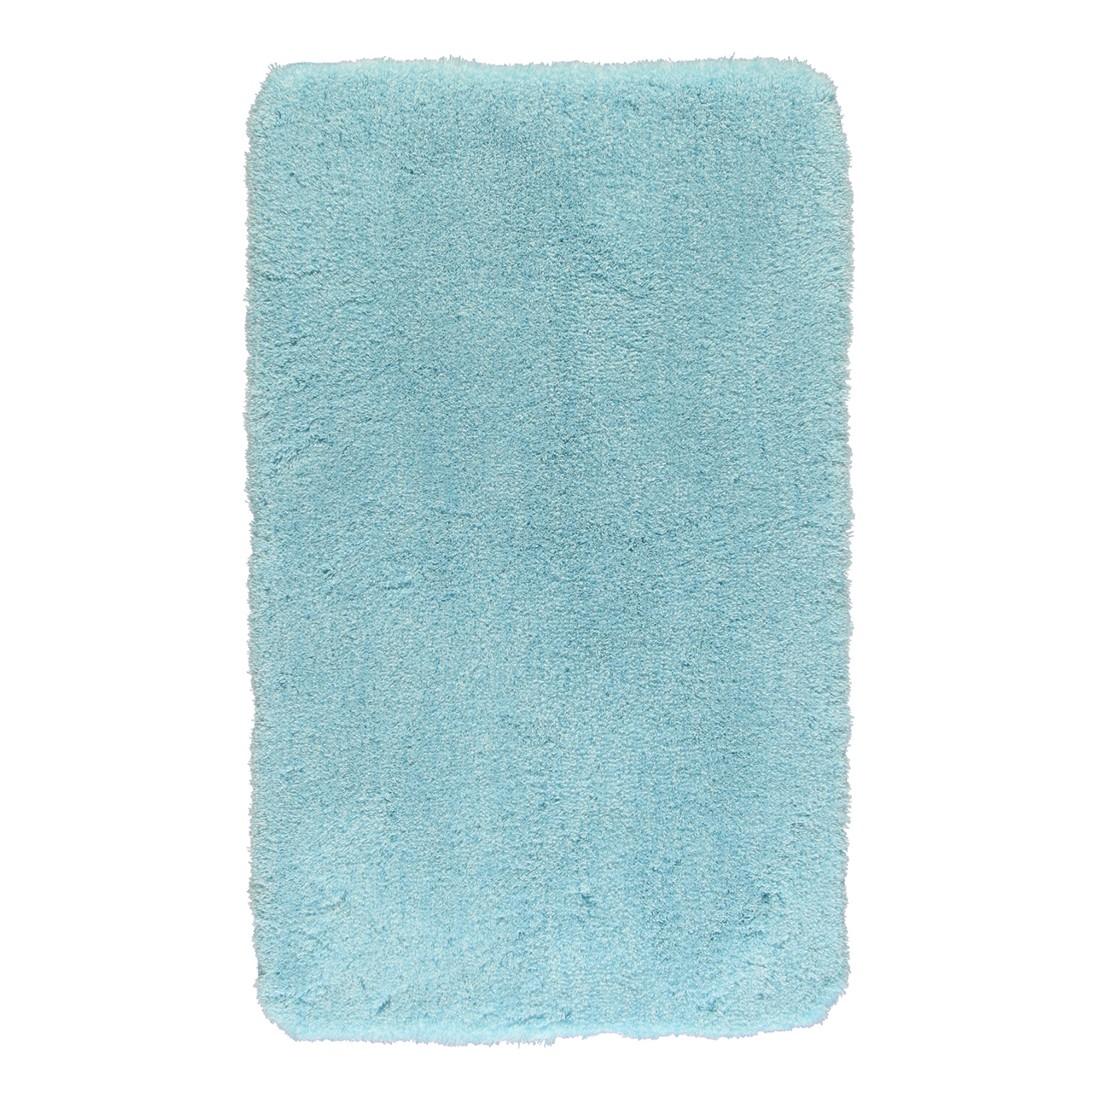 Badteppich Relax – 100% Polyacryl Aqua – 796 – 55×65 cm, Kleine Wolke bestellen